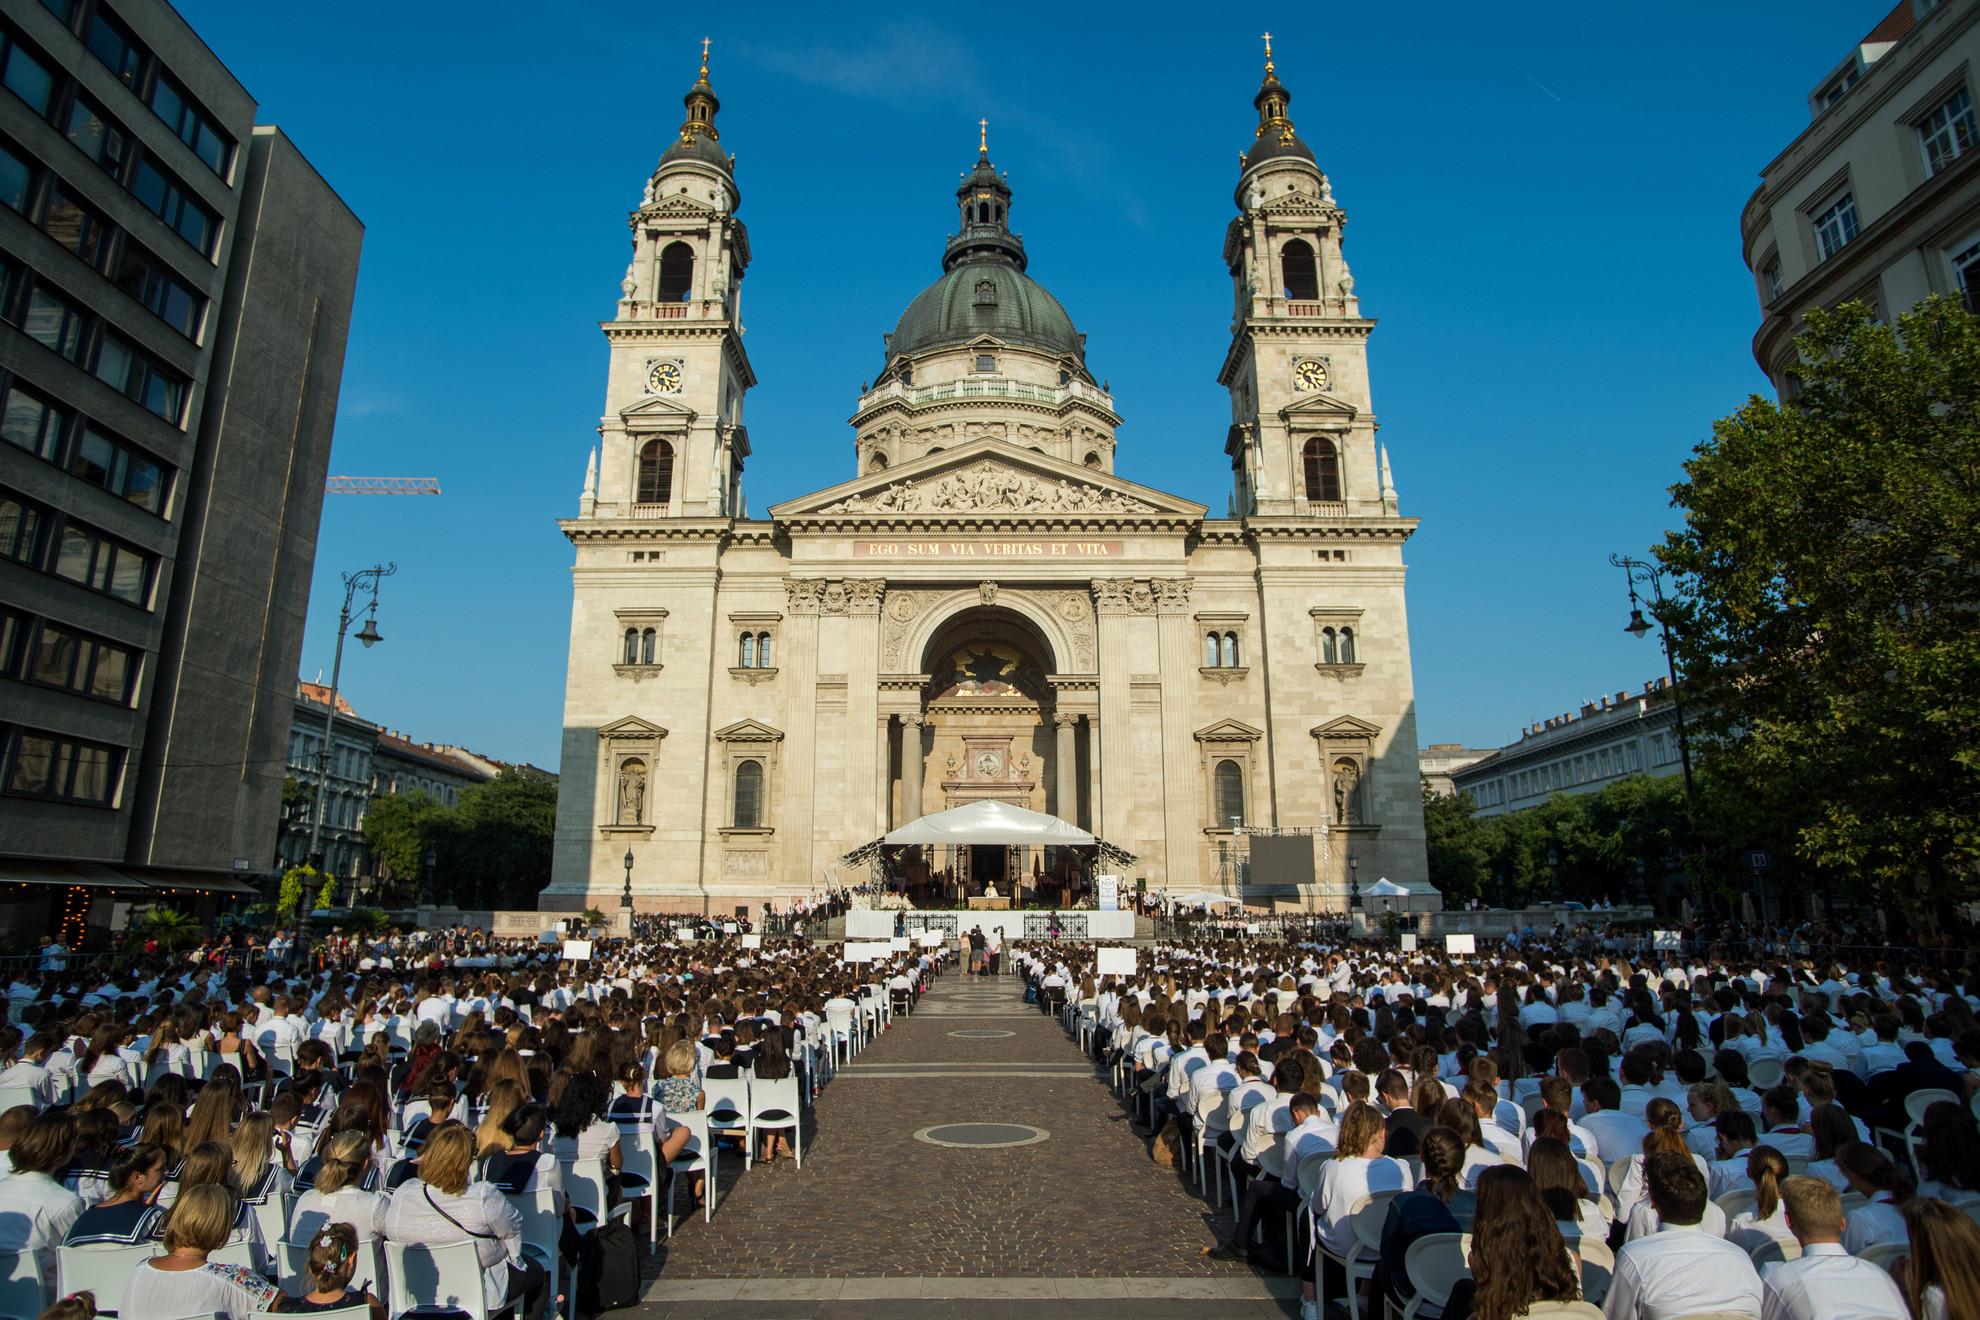 A katolikus iskolában tanuló diákok tanévkezdő szentmiséjének résztvevői a budapesti Szent István-bazilika előtt 2019. szeptember 2-án